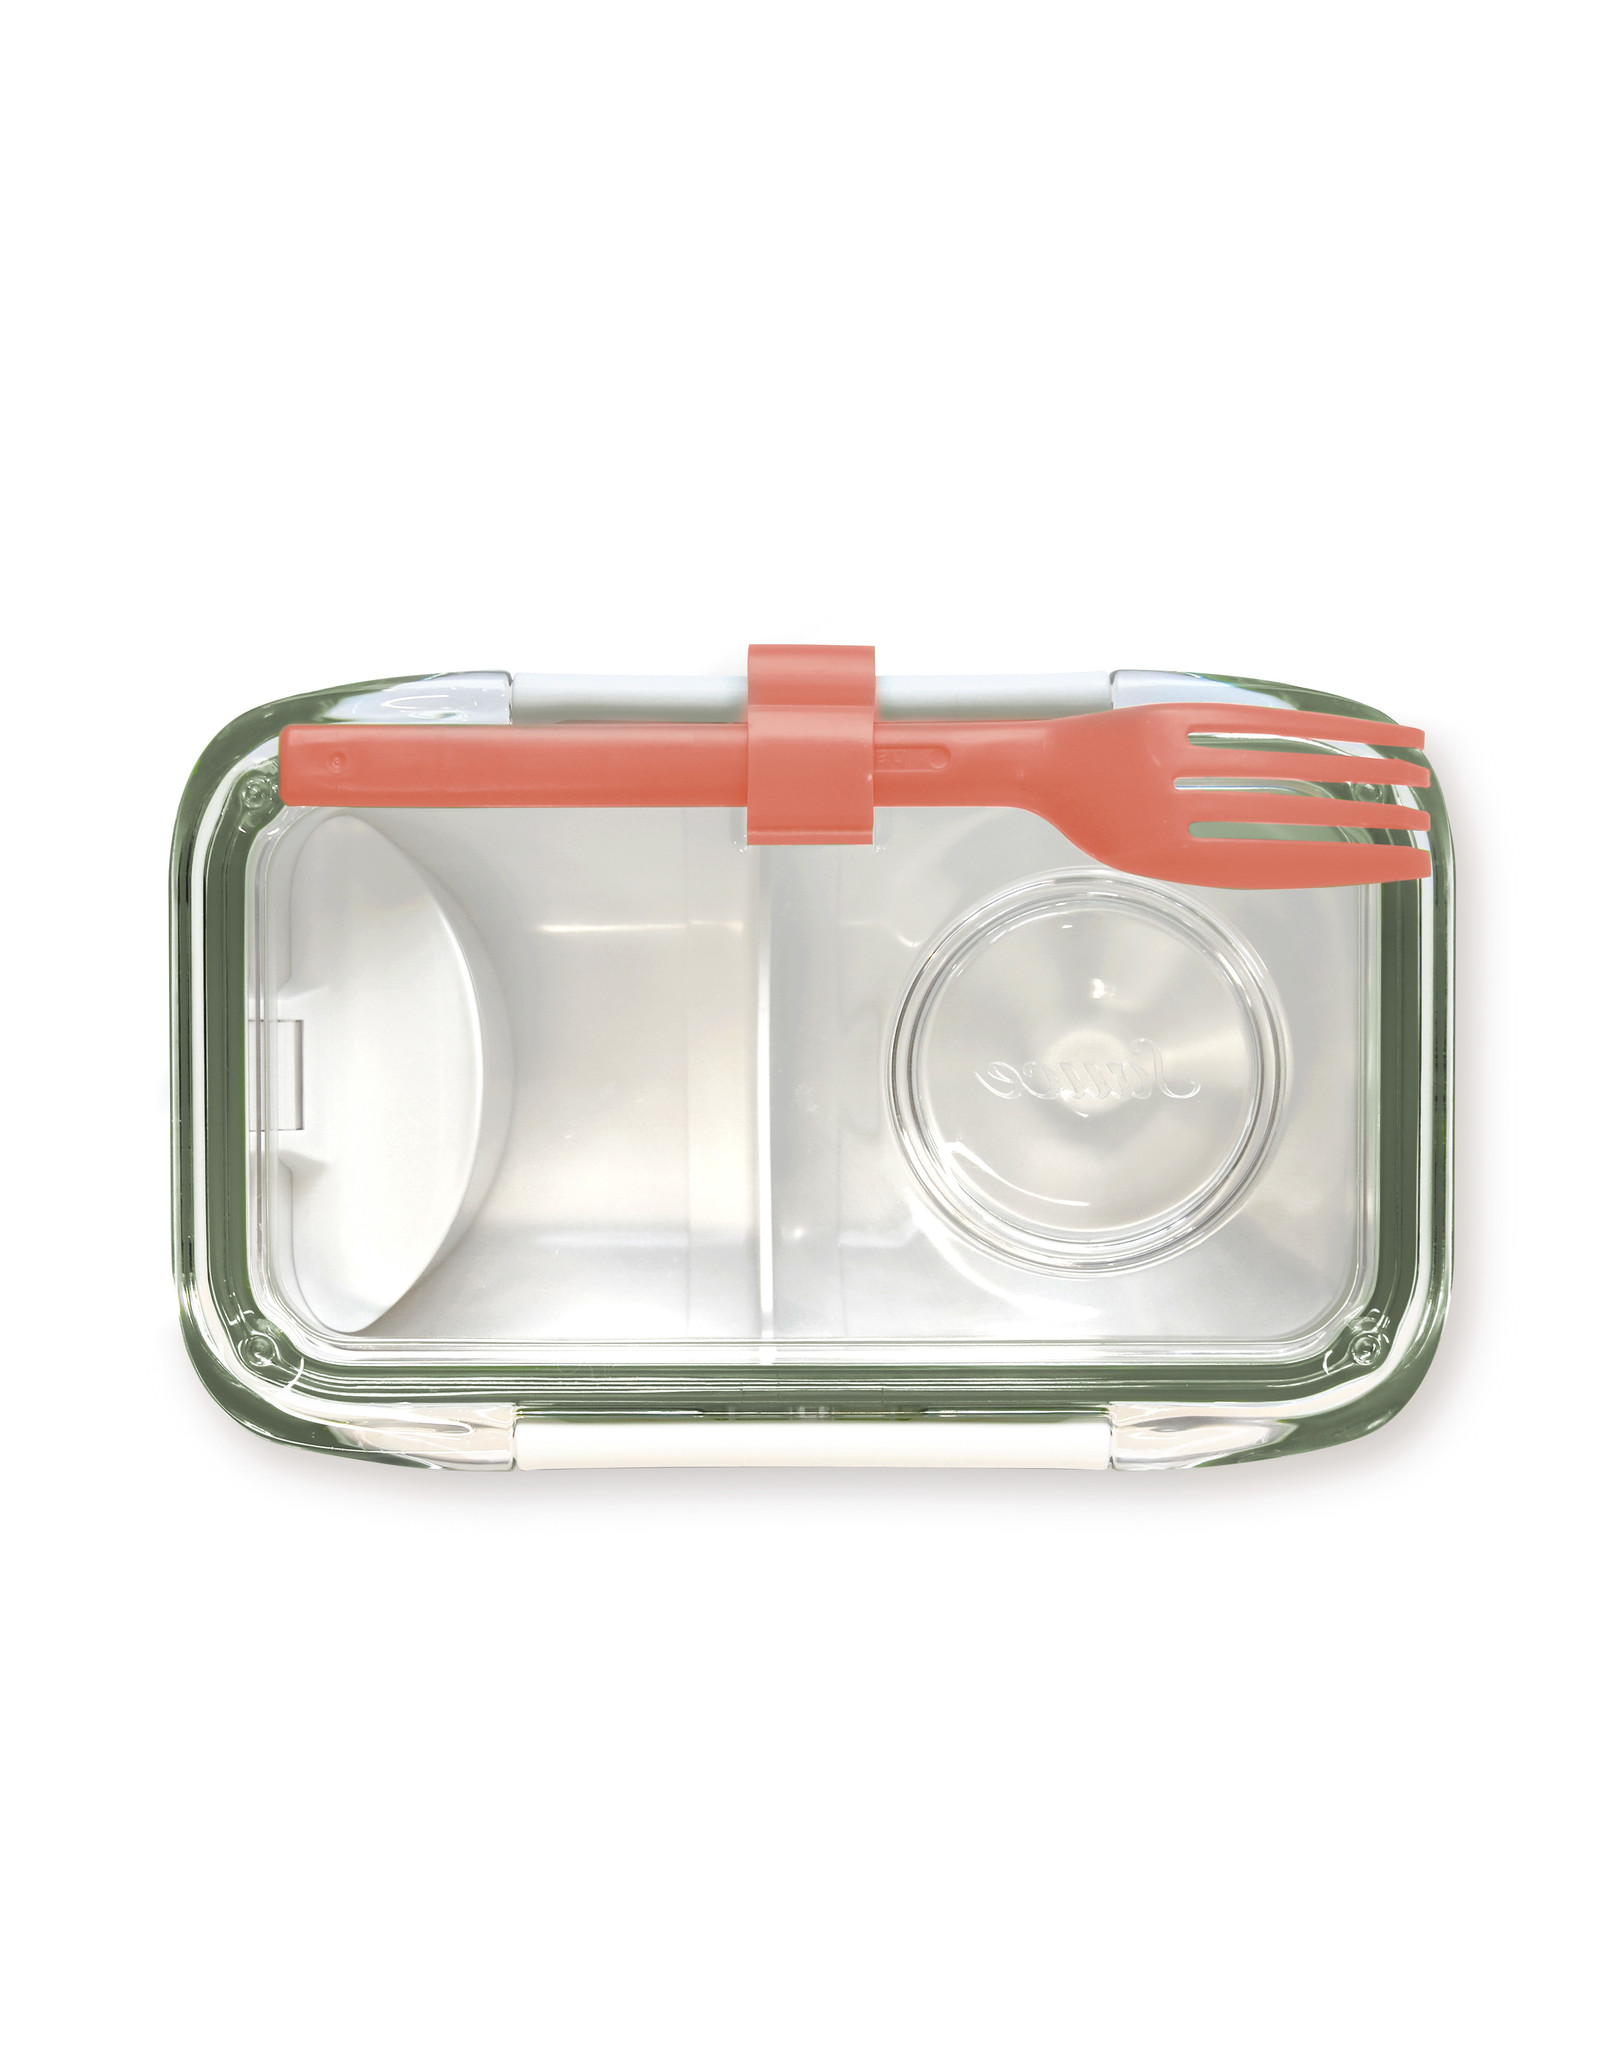 Bento Box Original